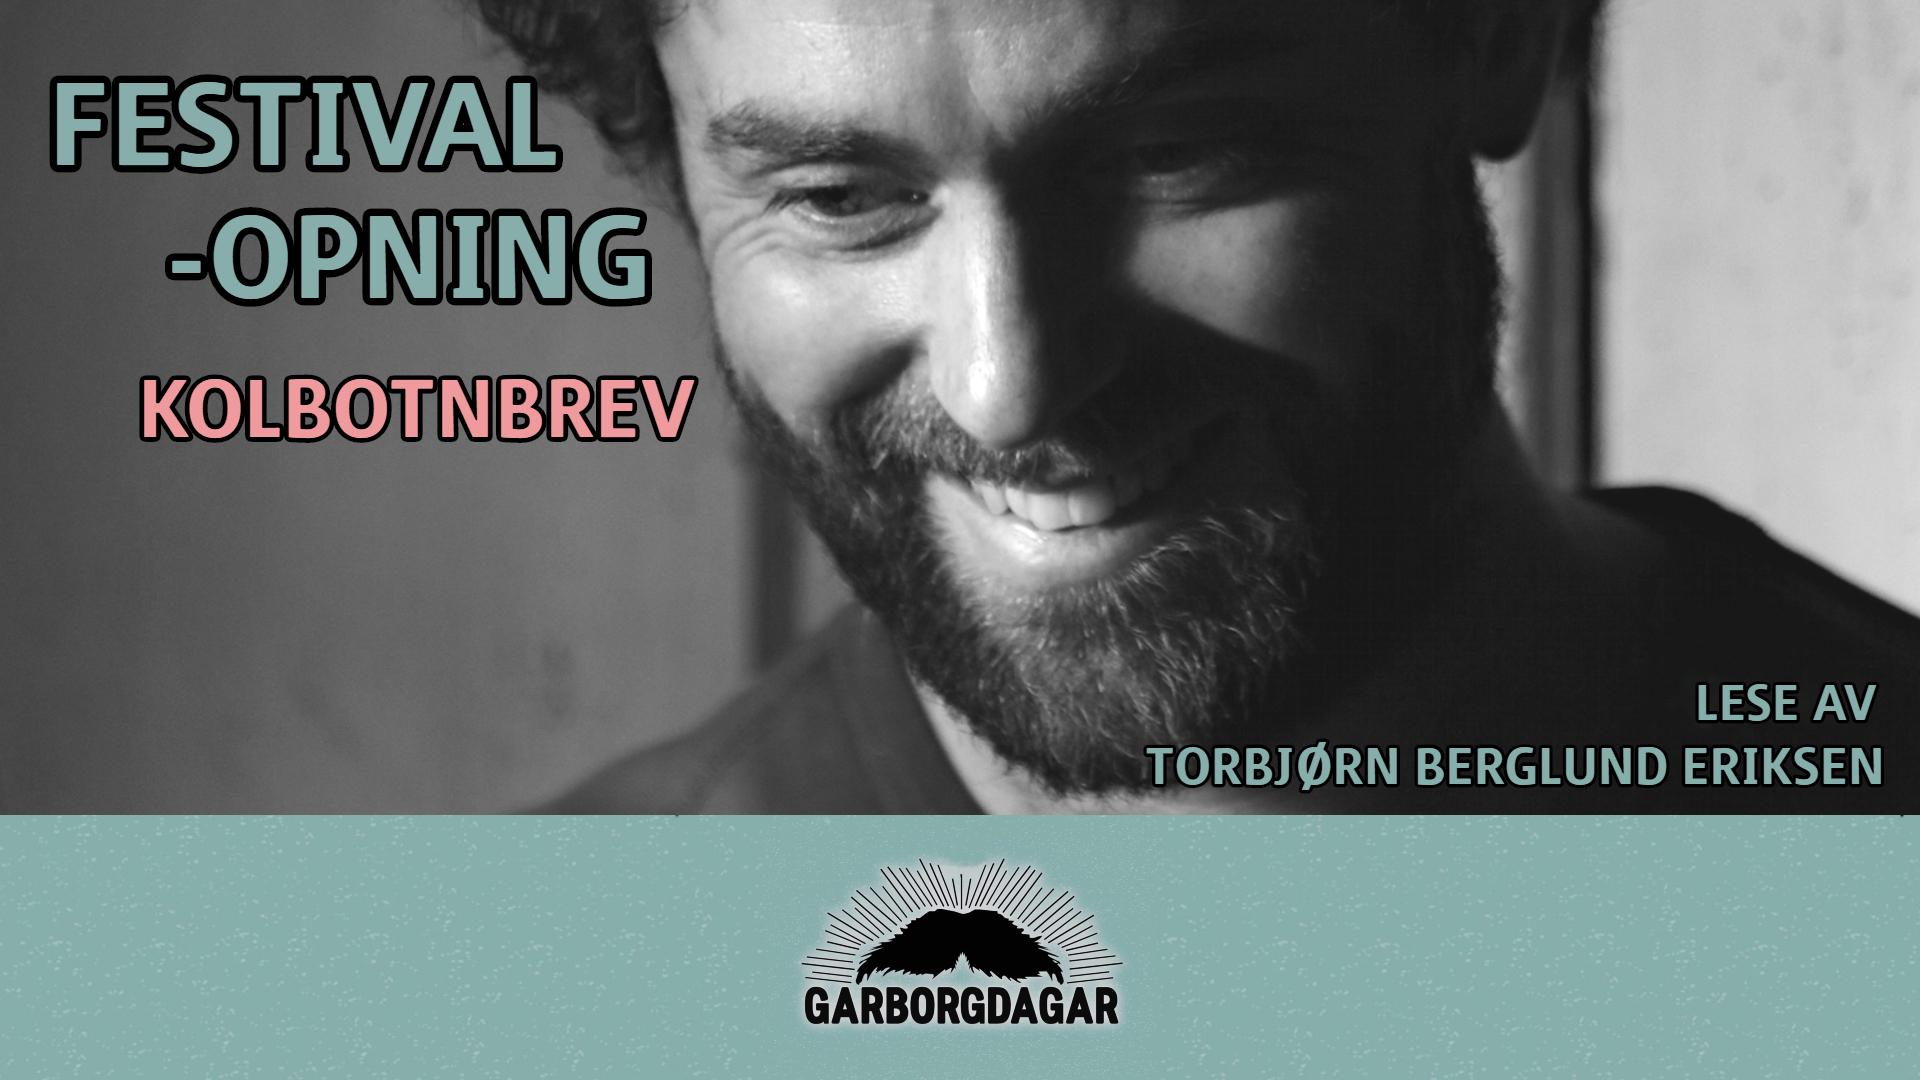 Festivalopning:  Kolbotnbrev  |  Torbjørn  Berglund  Eriksen